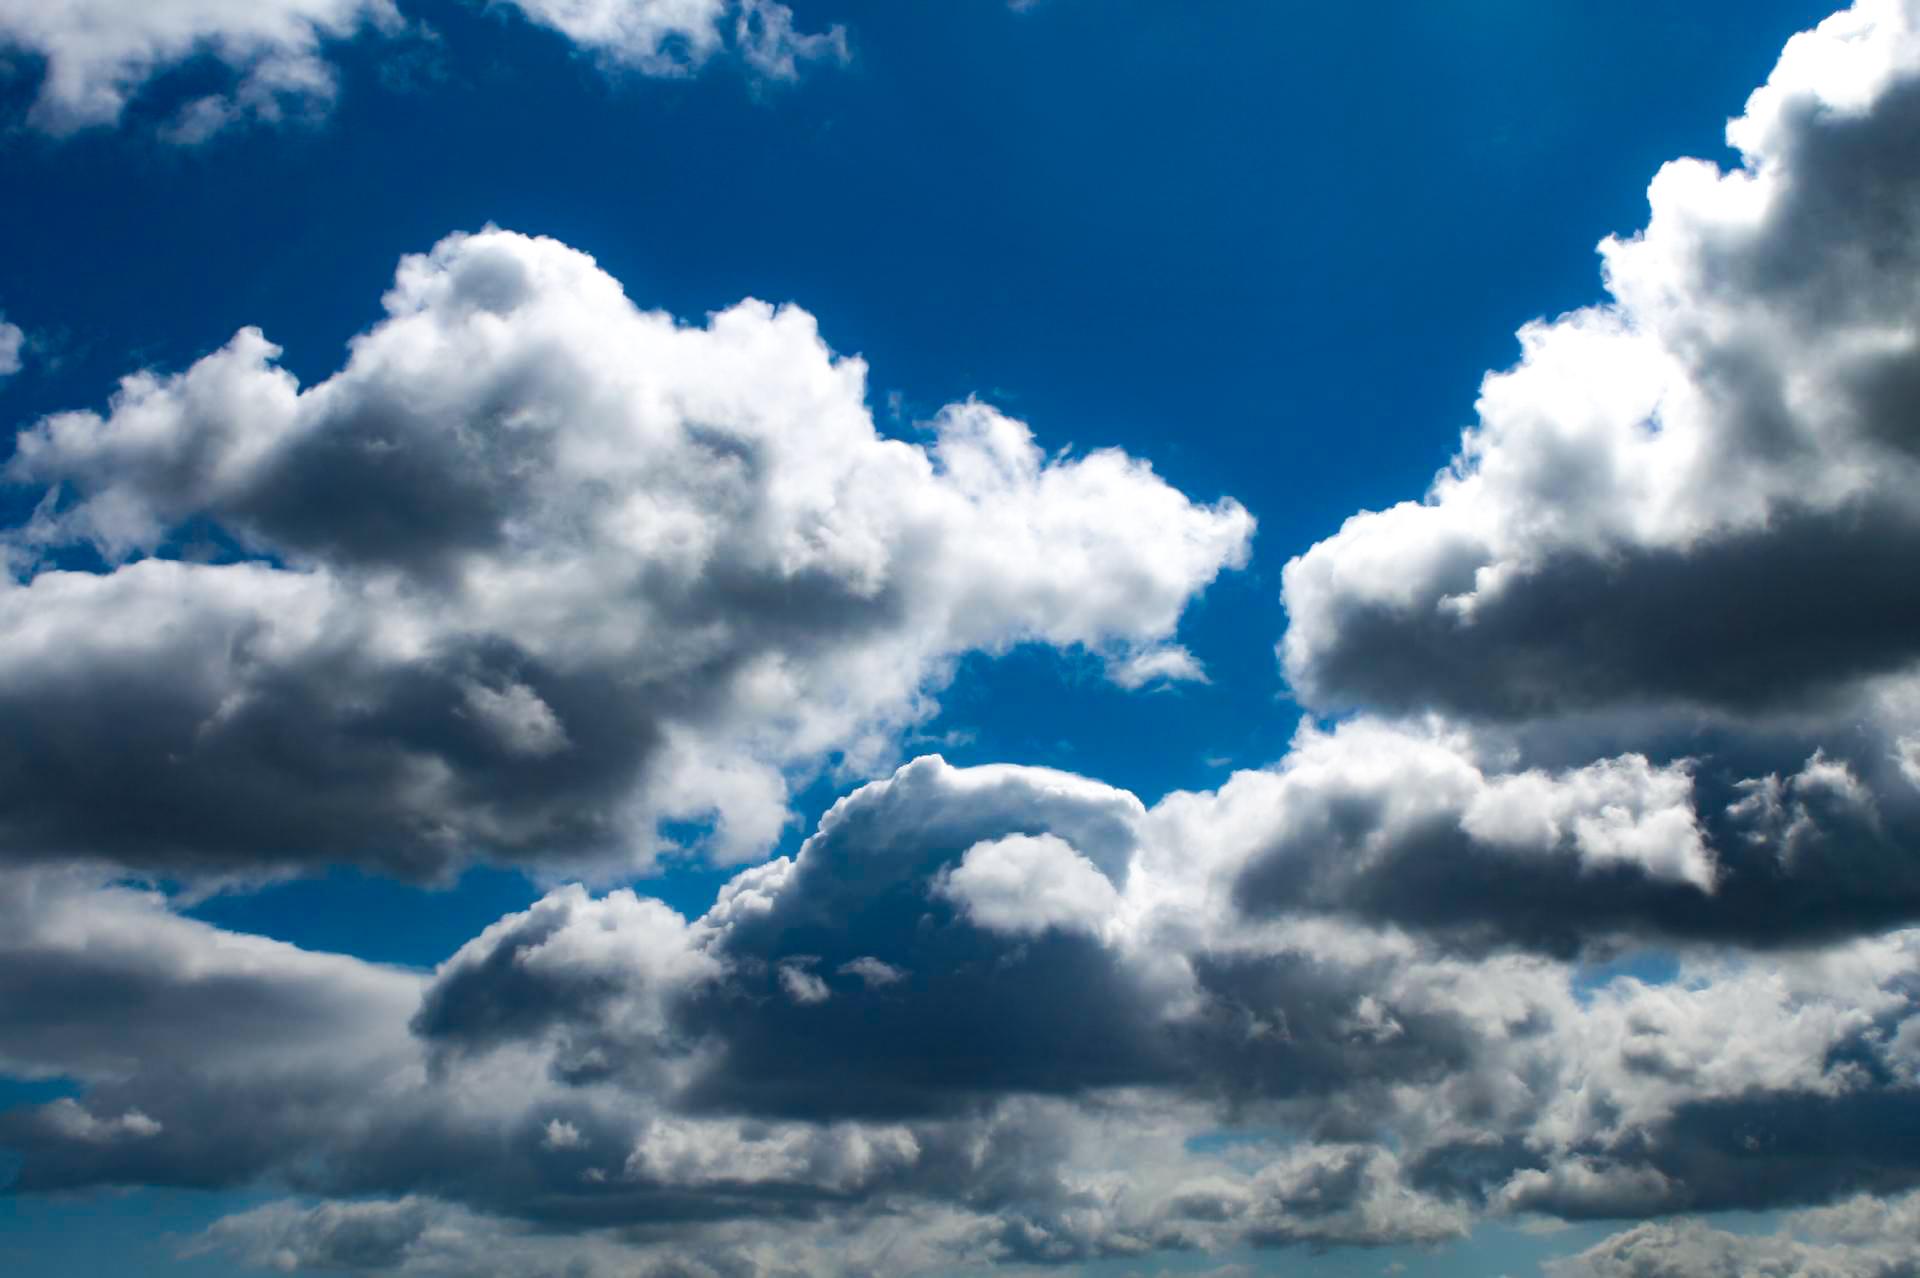 厚い雲の上を太陽の光が照らすの写真